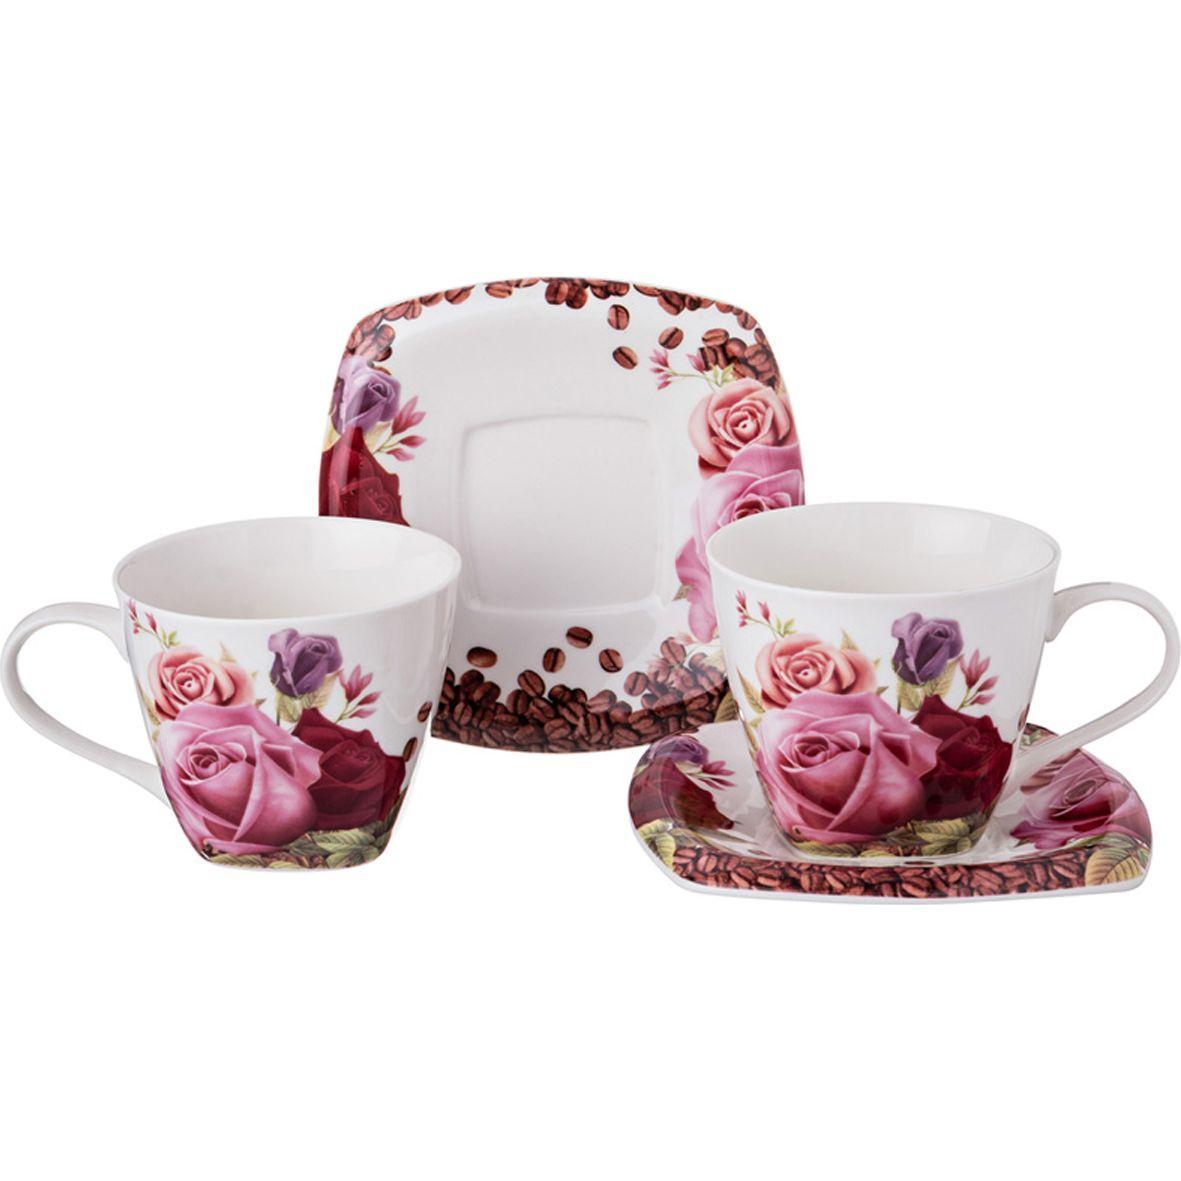 Набор чайный Lefard Садовая роза на 2 персоны, LF-165/389, 220 мл набор чайный на 2 персоны c622as622a l6 yg01 2 розовый 4 предмета